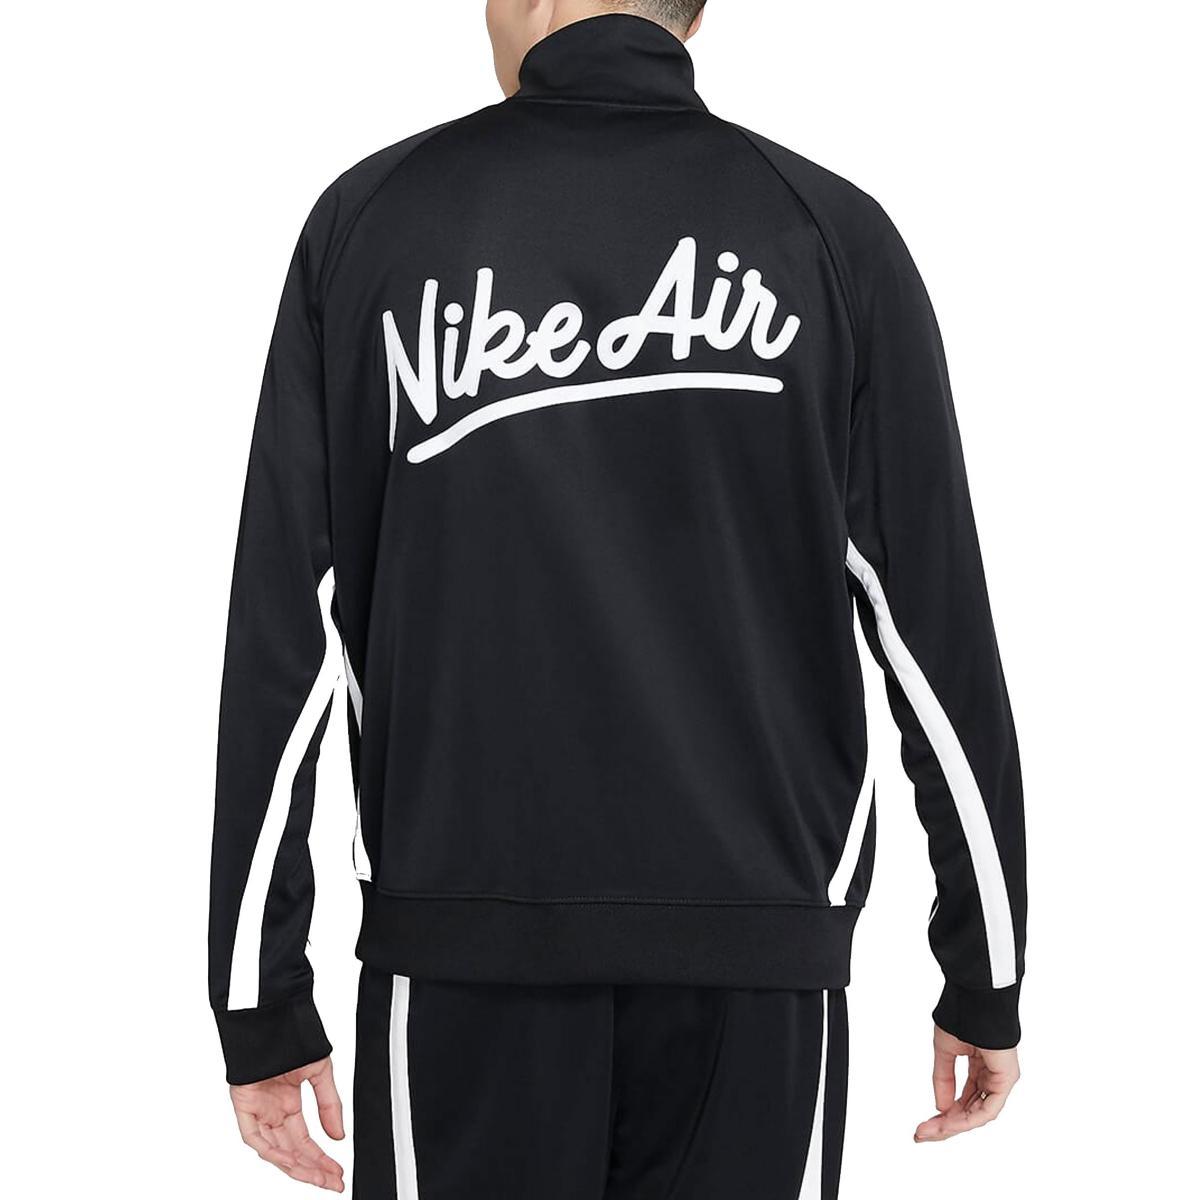 Felpa Nike Air con bande laterali e stampa sul retro da uomo rif. BV5154-010